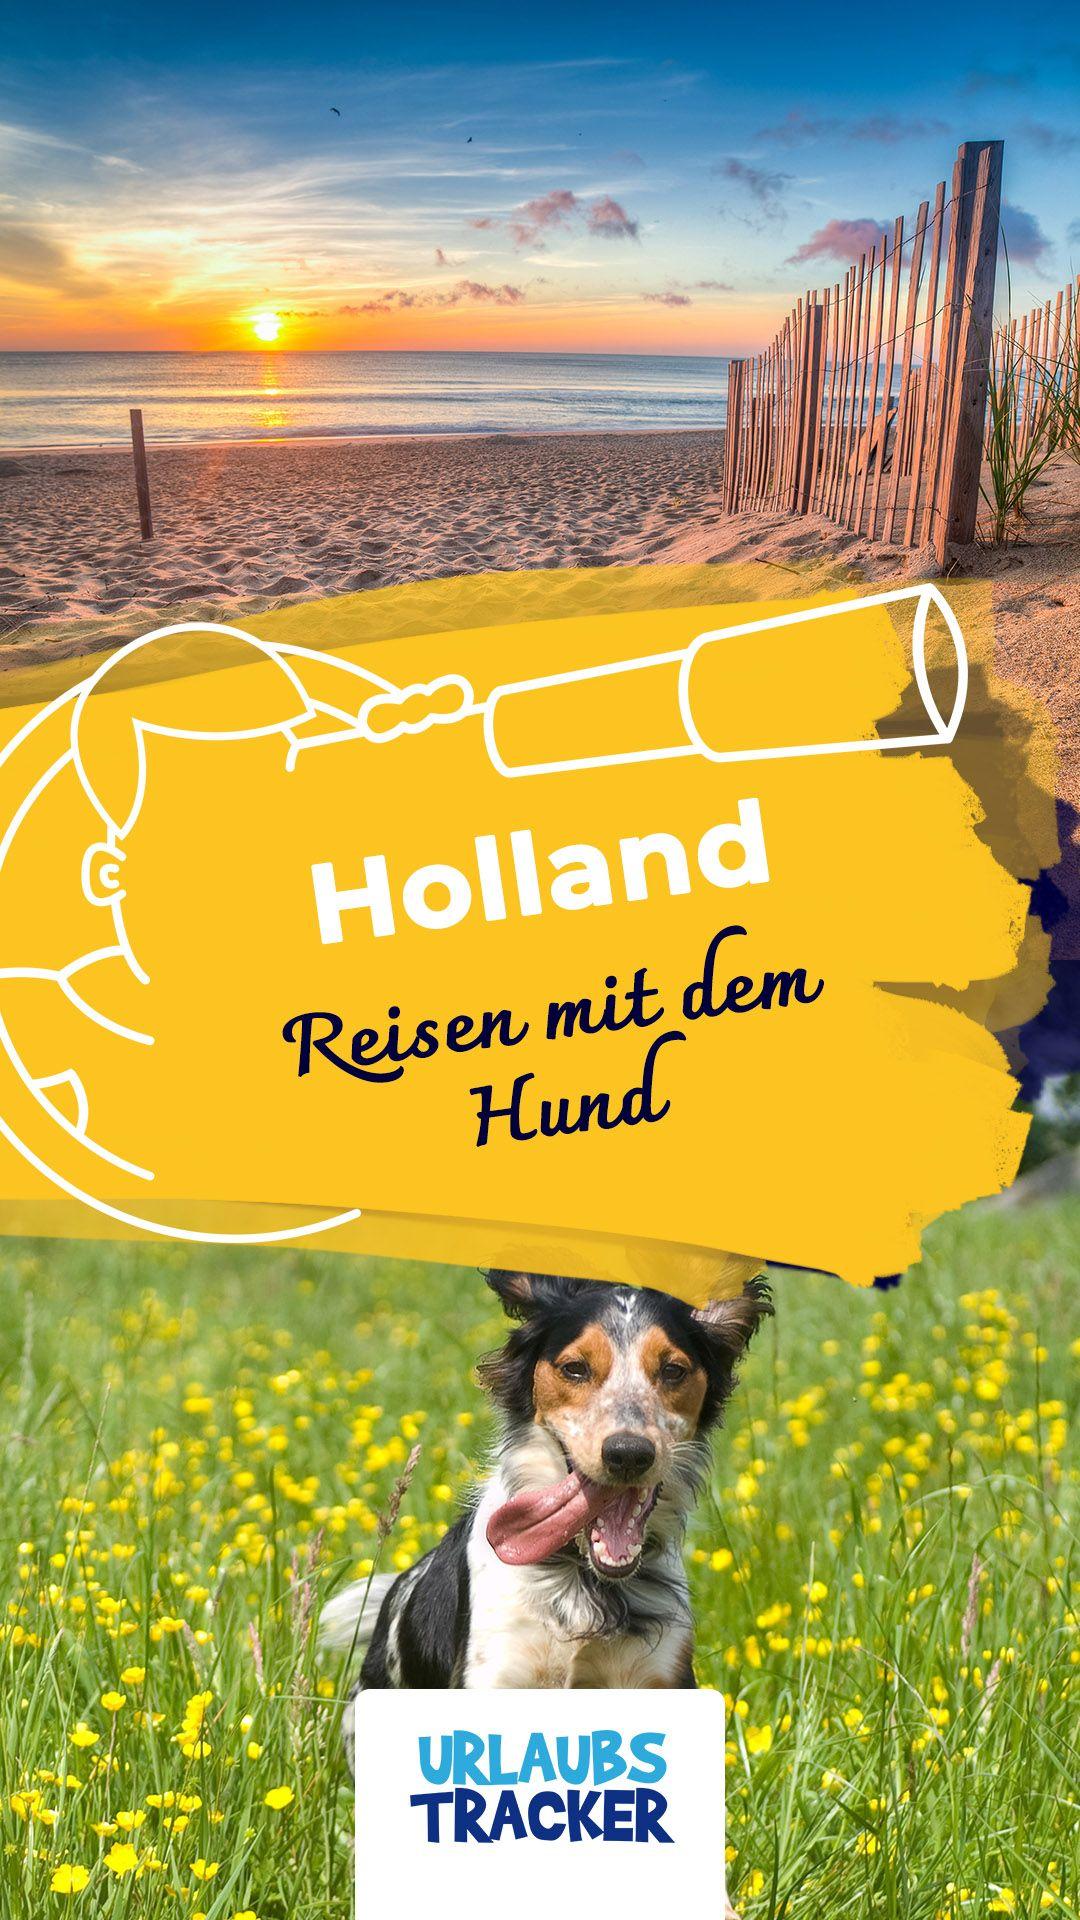 Reiseguide Fur Holland Mit Hund Tipps Hundestrande Ferienhauser Holland Mit Hund Urlaub Mit Hund Holland Holland